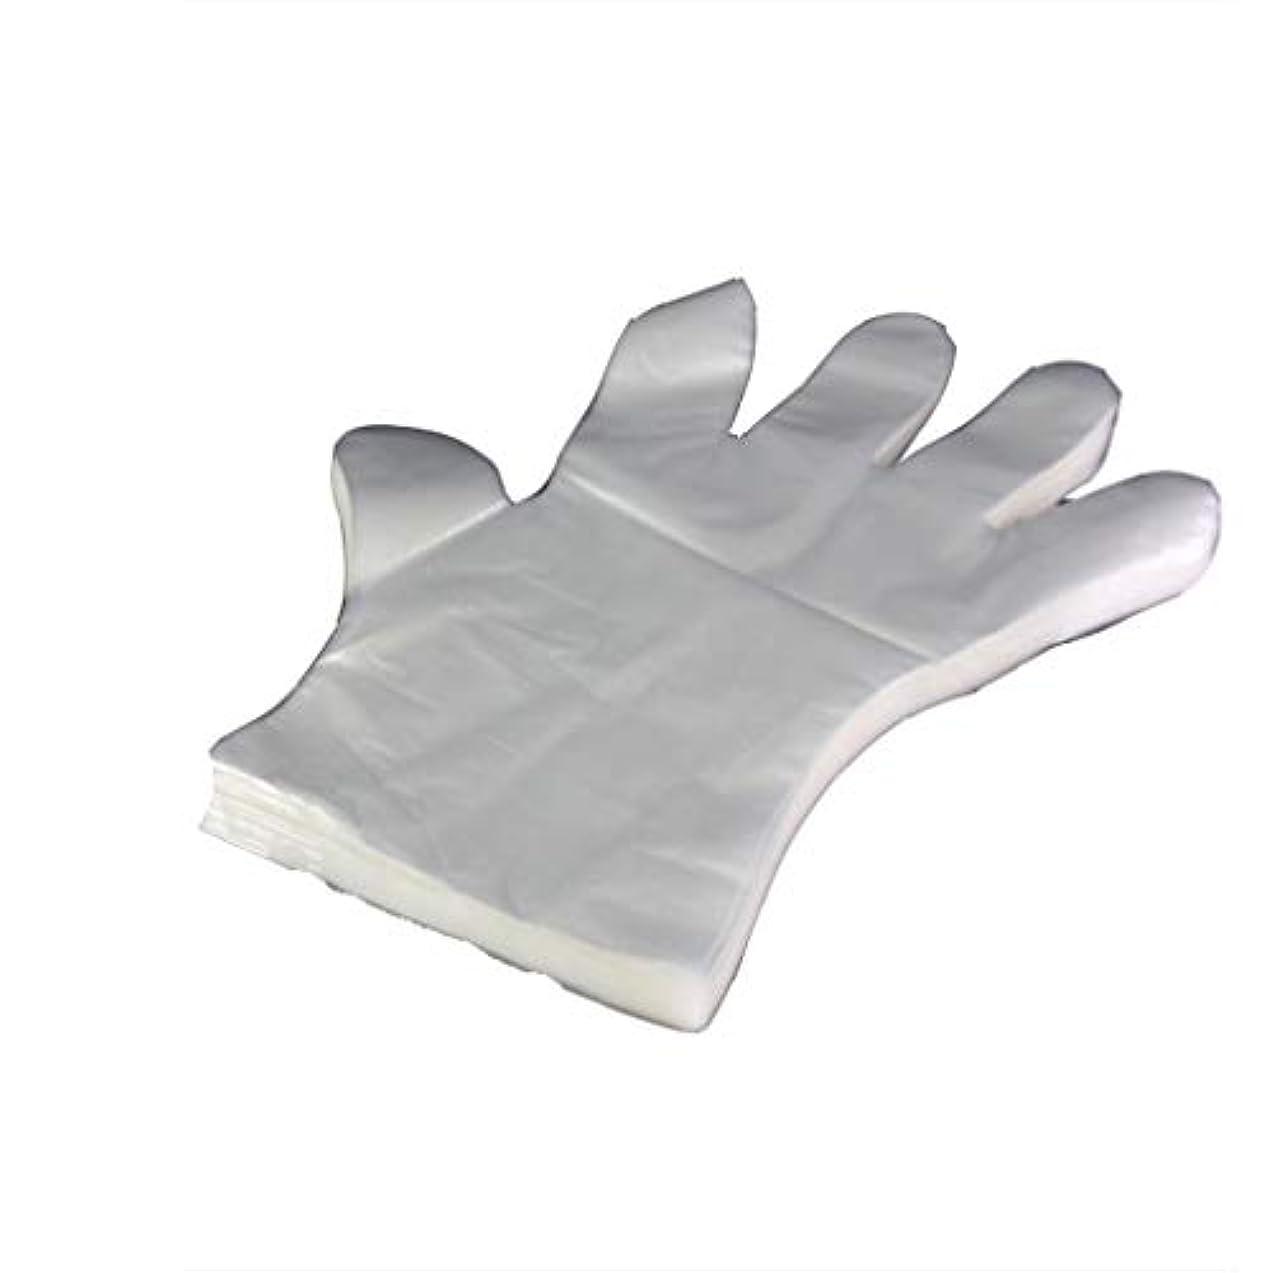 野心そうでなければ浴使い捨て手袋PEフィルムプラスチック化粧グローブフィルム透明増粘200袋 (UnitCount : 200only)